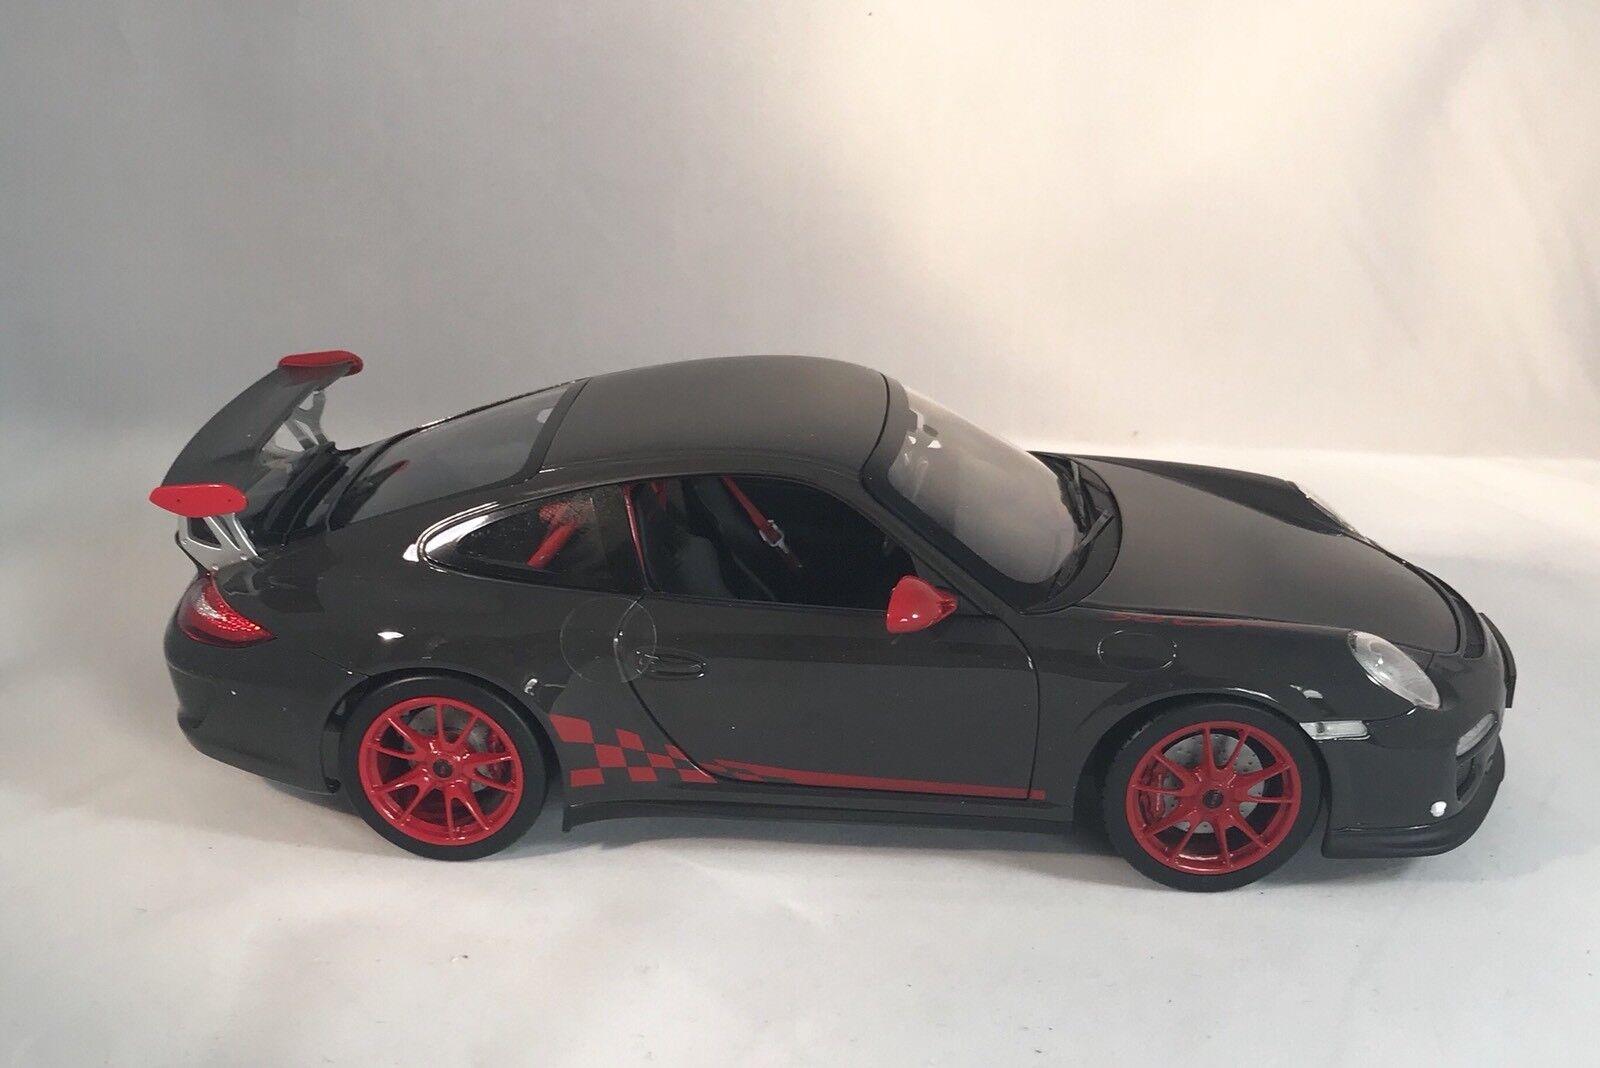 2010 Porsche 911 GT3 RS in Dark Grey By Norev 1:18